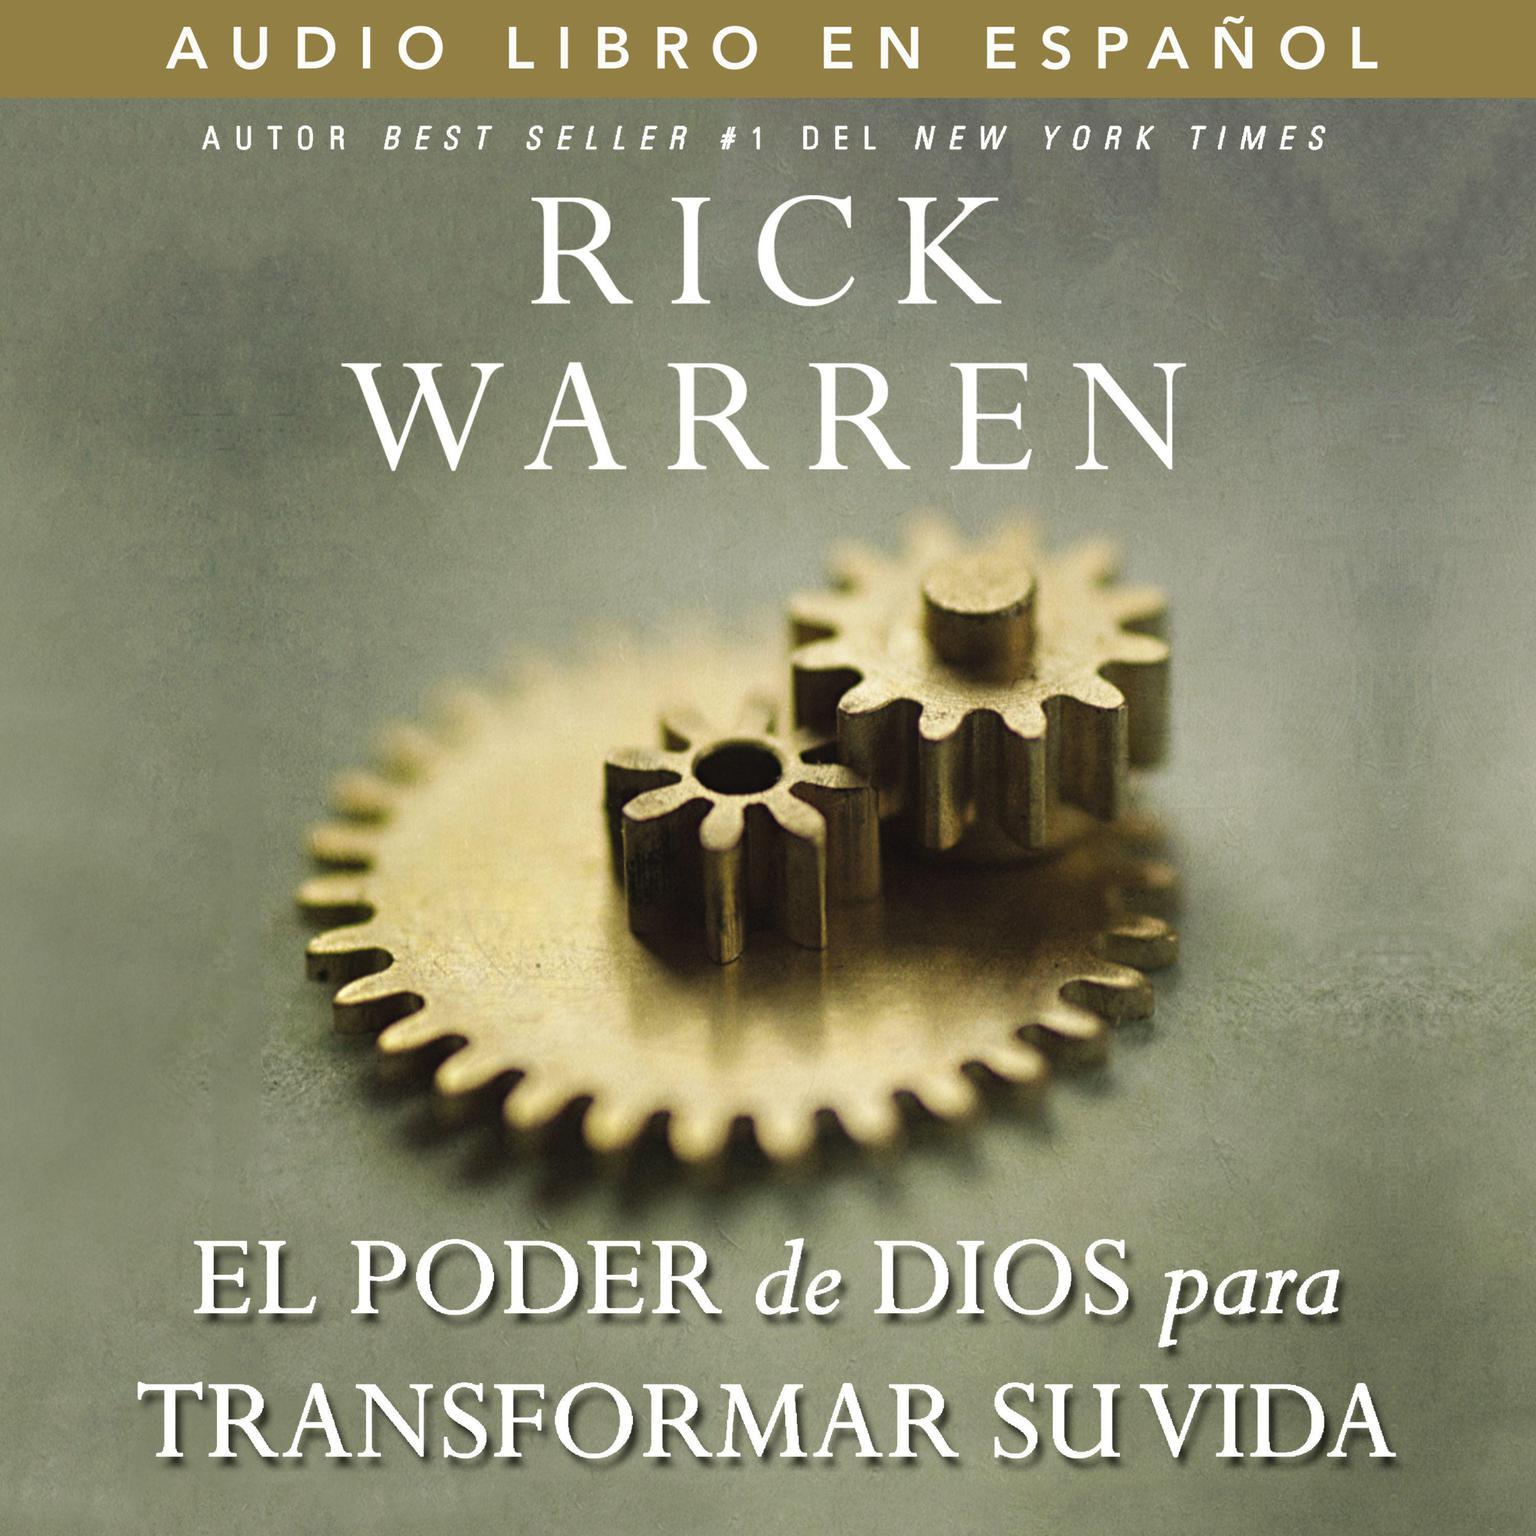 El poder de Dios para transformar su vida Audiobook, by Rick Warren